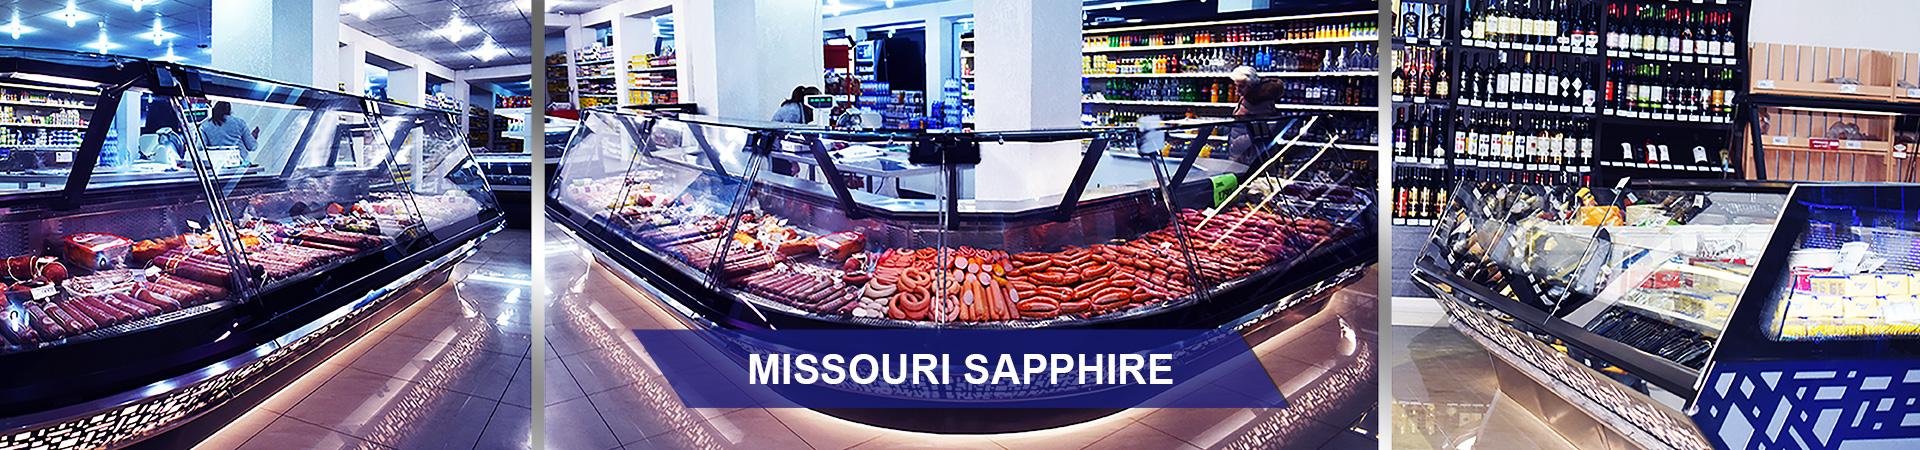 Витрины Missouri sapphire